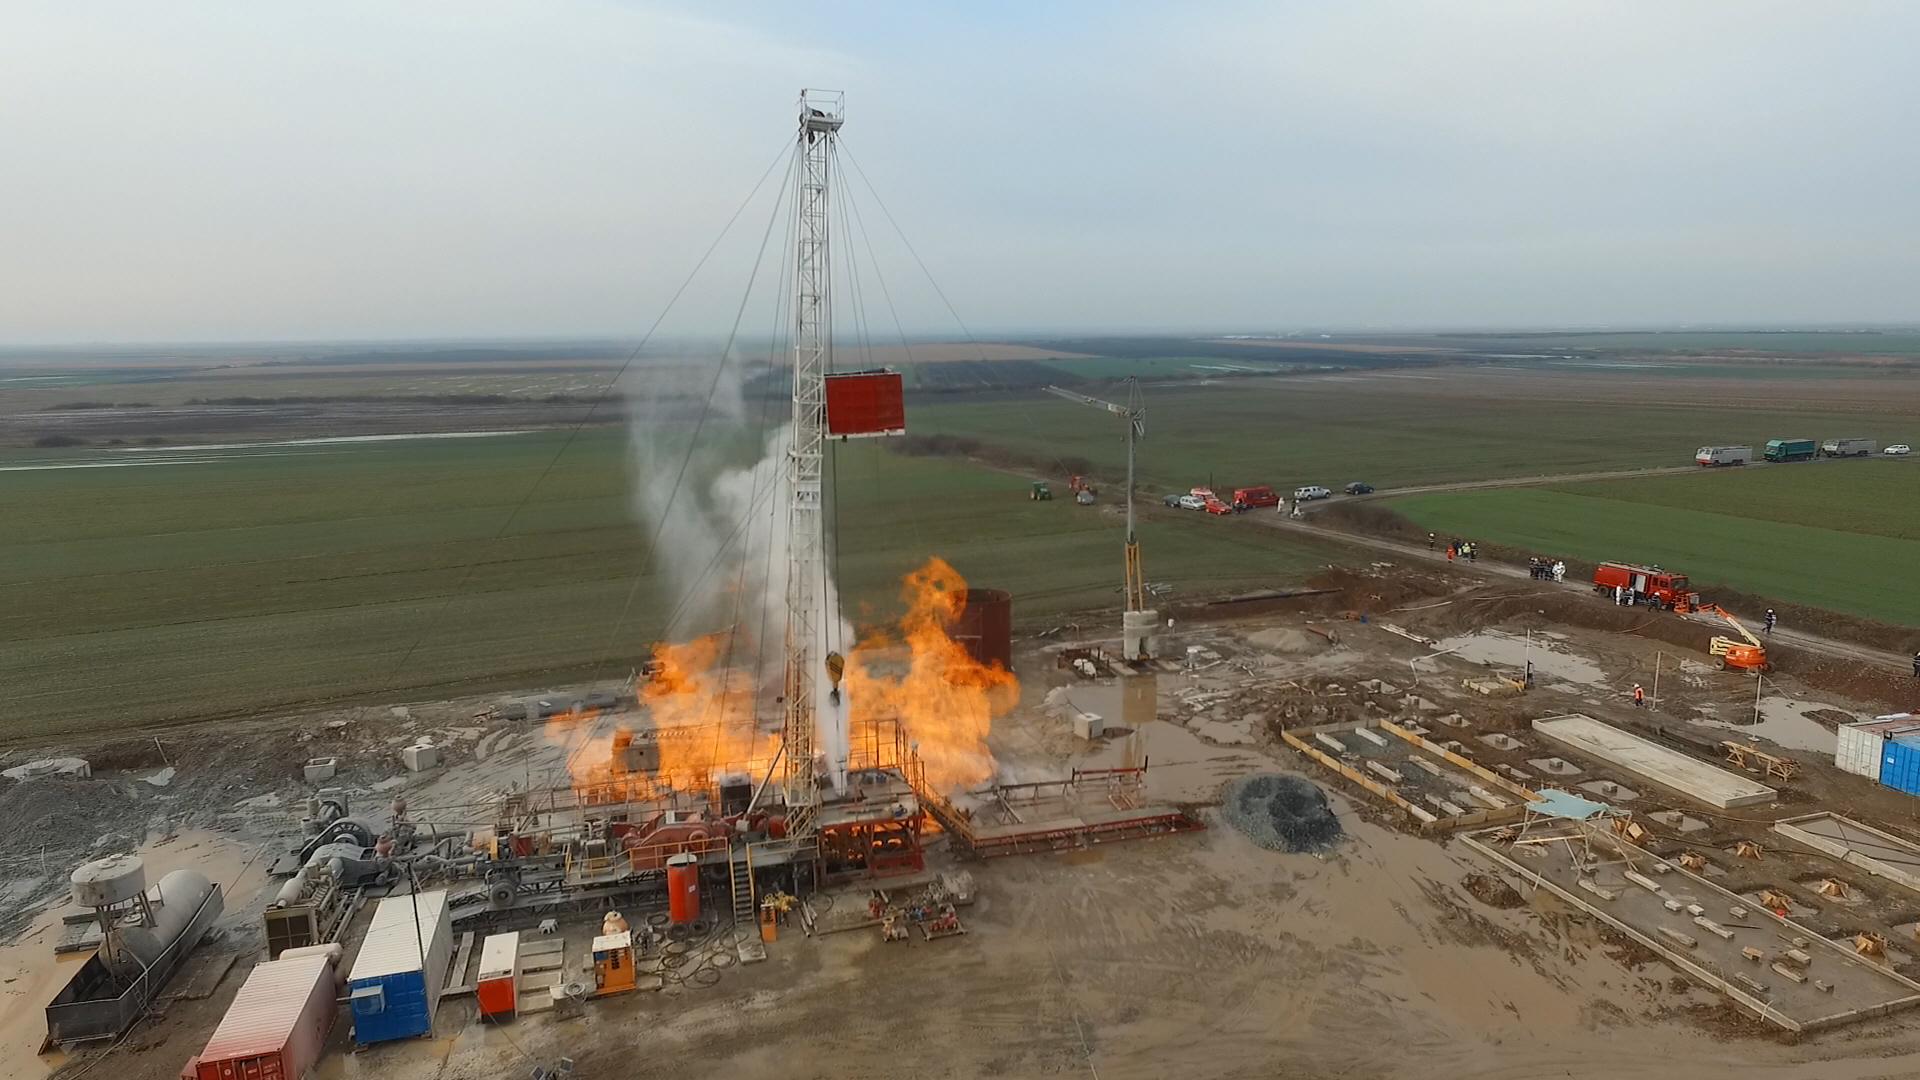 Incendiul de la sonda de gaz din Satu Mare, stins de apa care iese din pământ. Intervenţia NU s-a încheiat: În momentul în care vor ieşi gaze, flacăra va fi reaprinsă